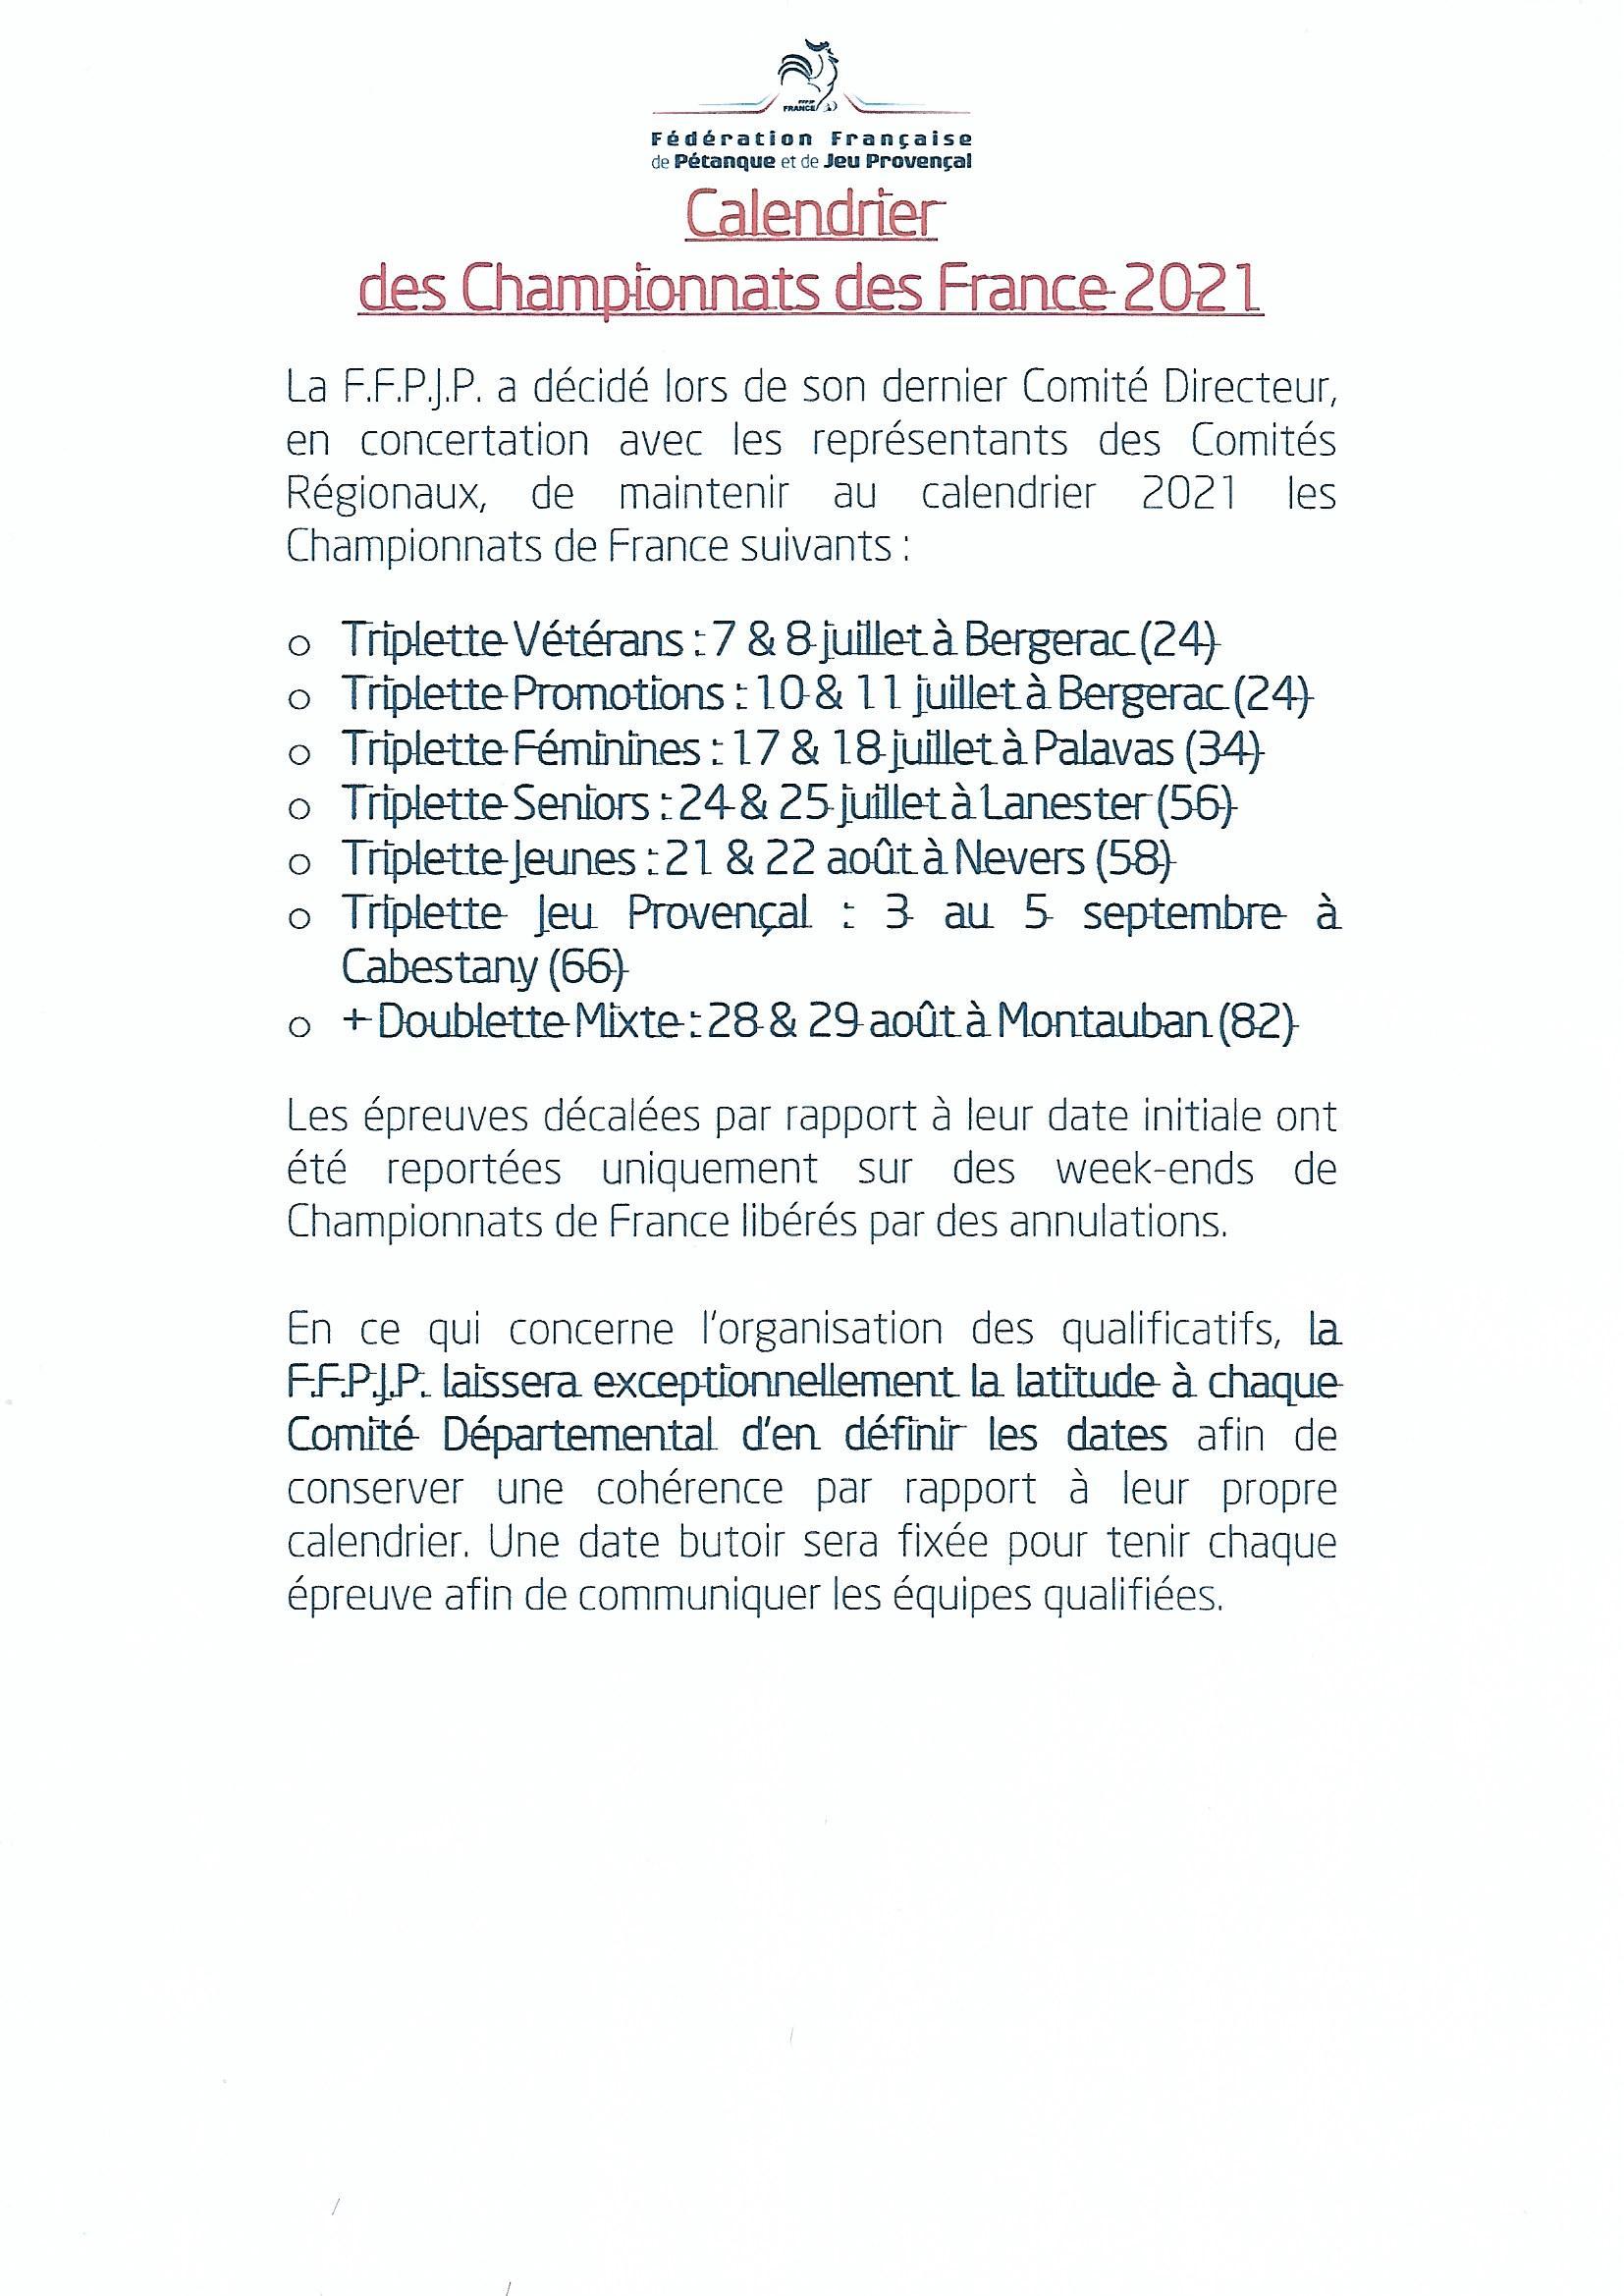 Nouveau Calendrier des Championnats de France 2021